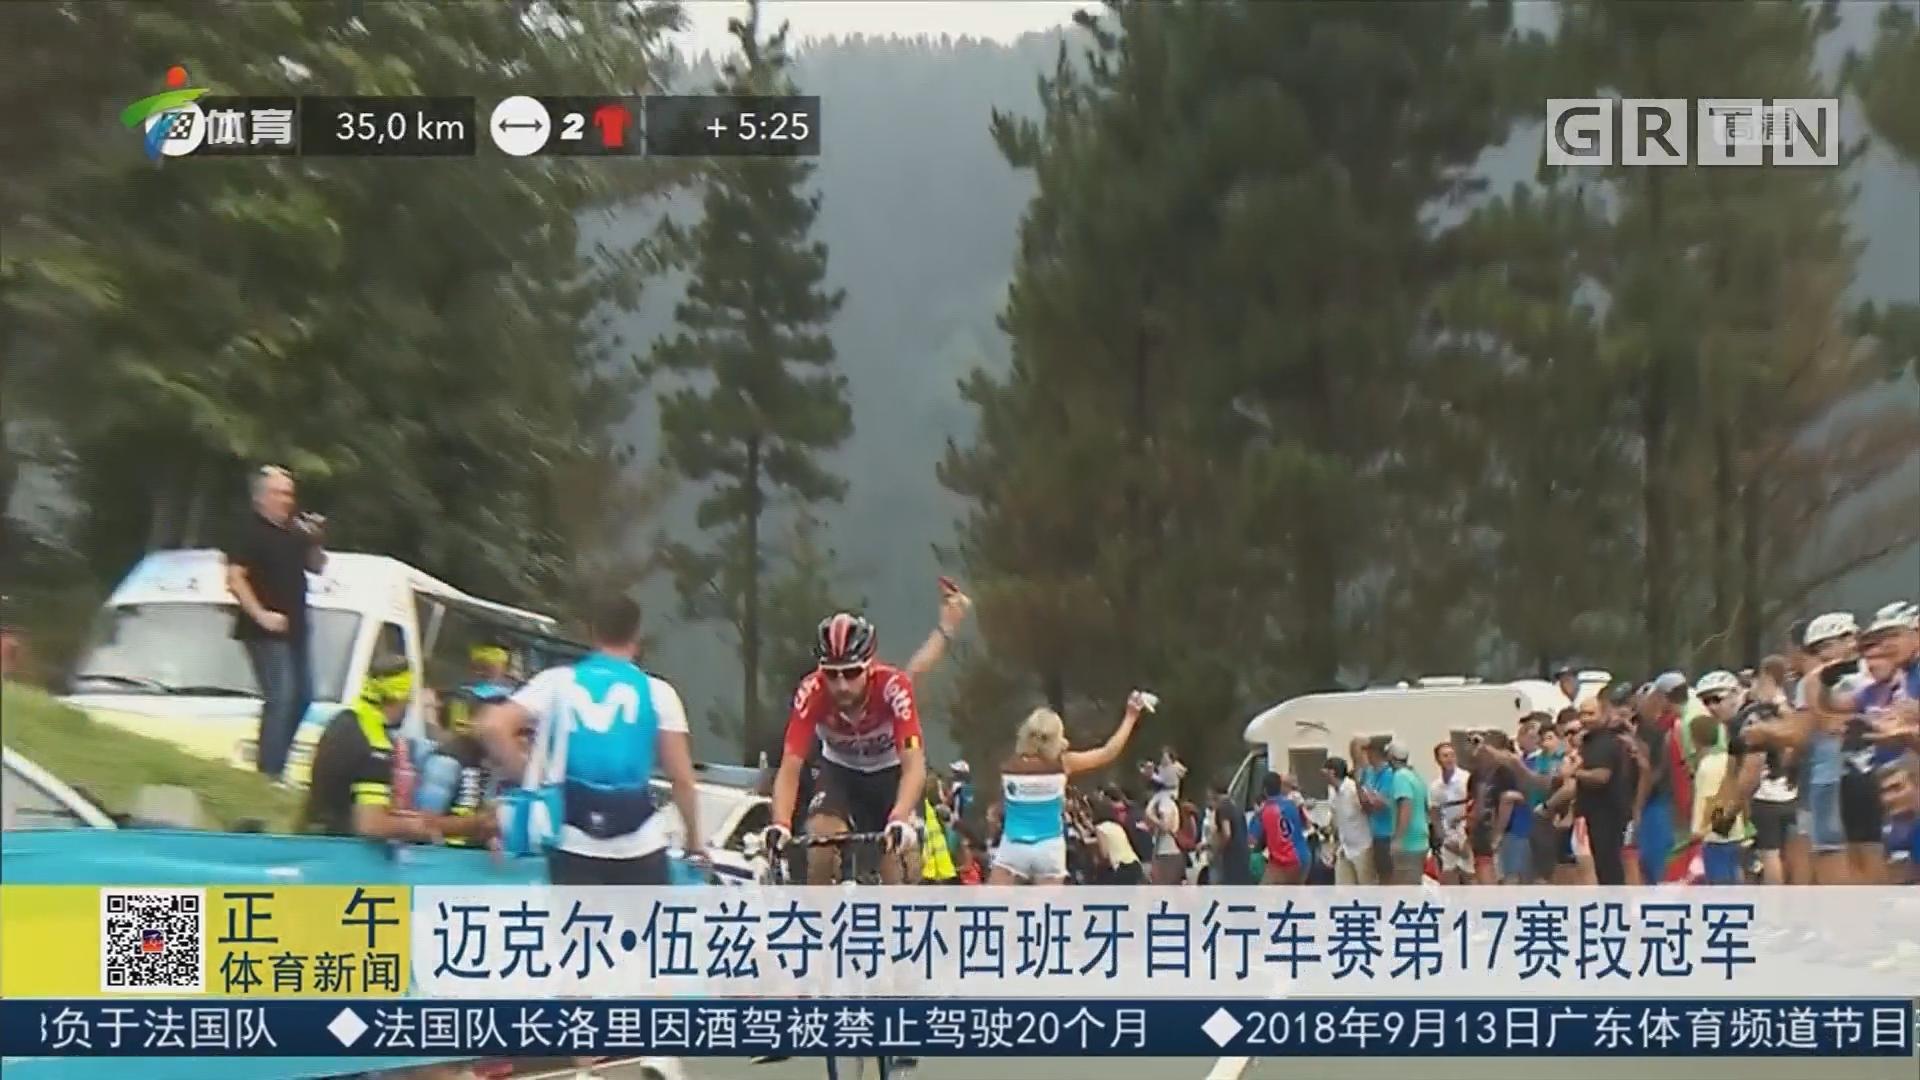 迈克尔·伍兹夺得环西班牙自行车赛第17赛段冠军